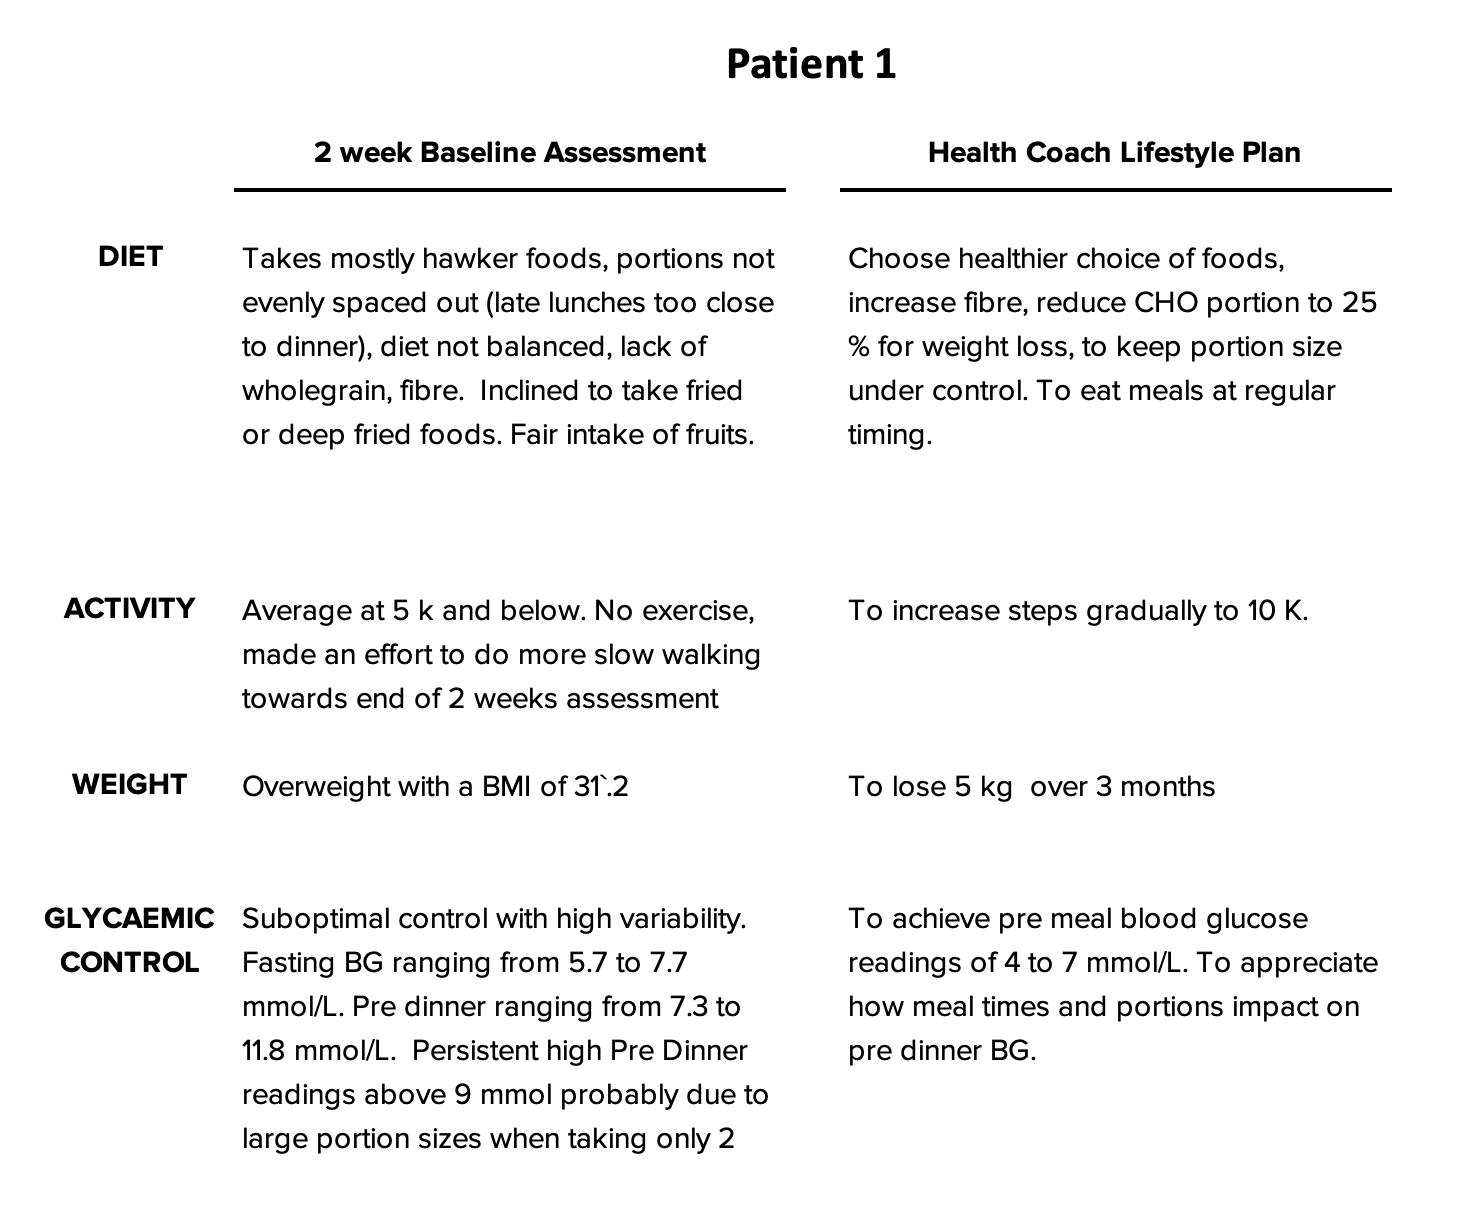 Patient 1 Lifestyle plan